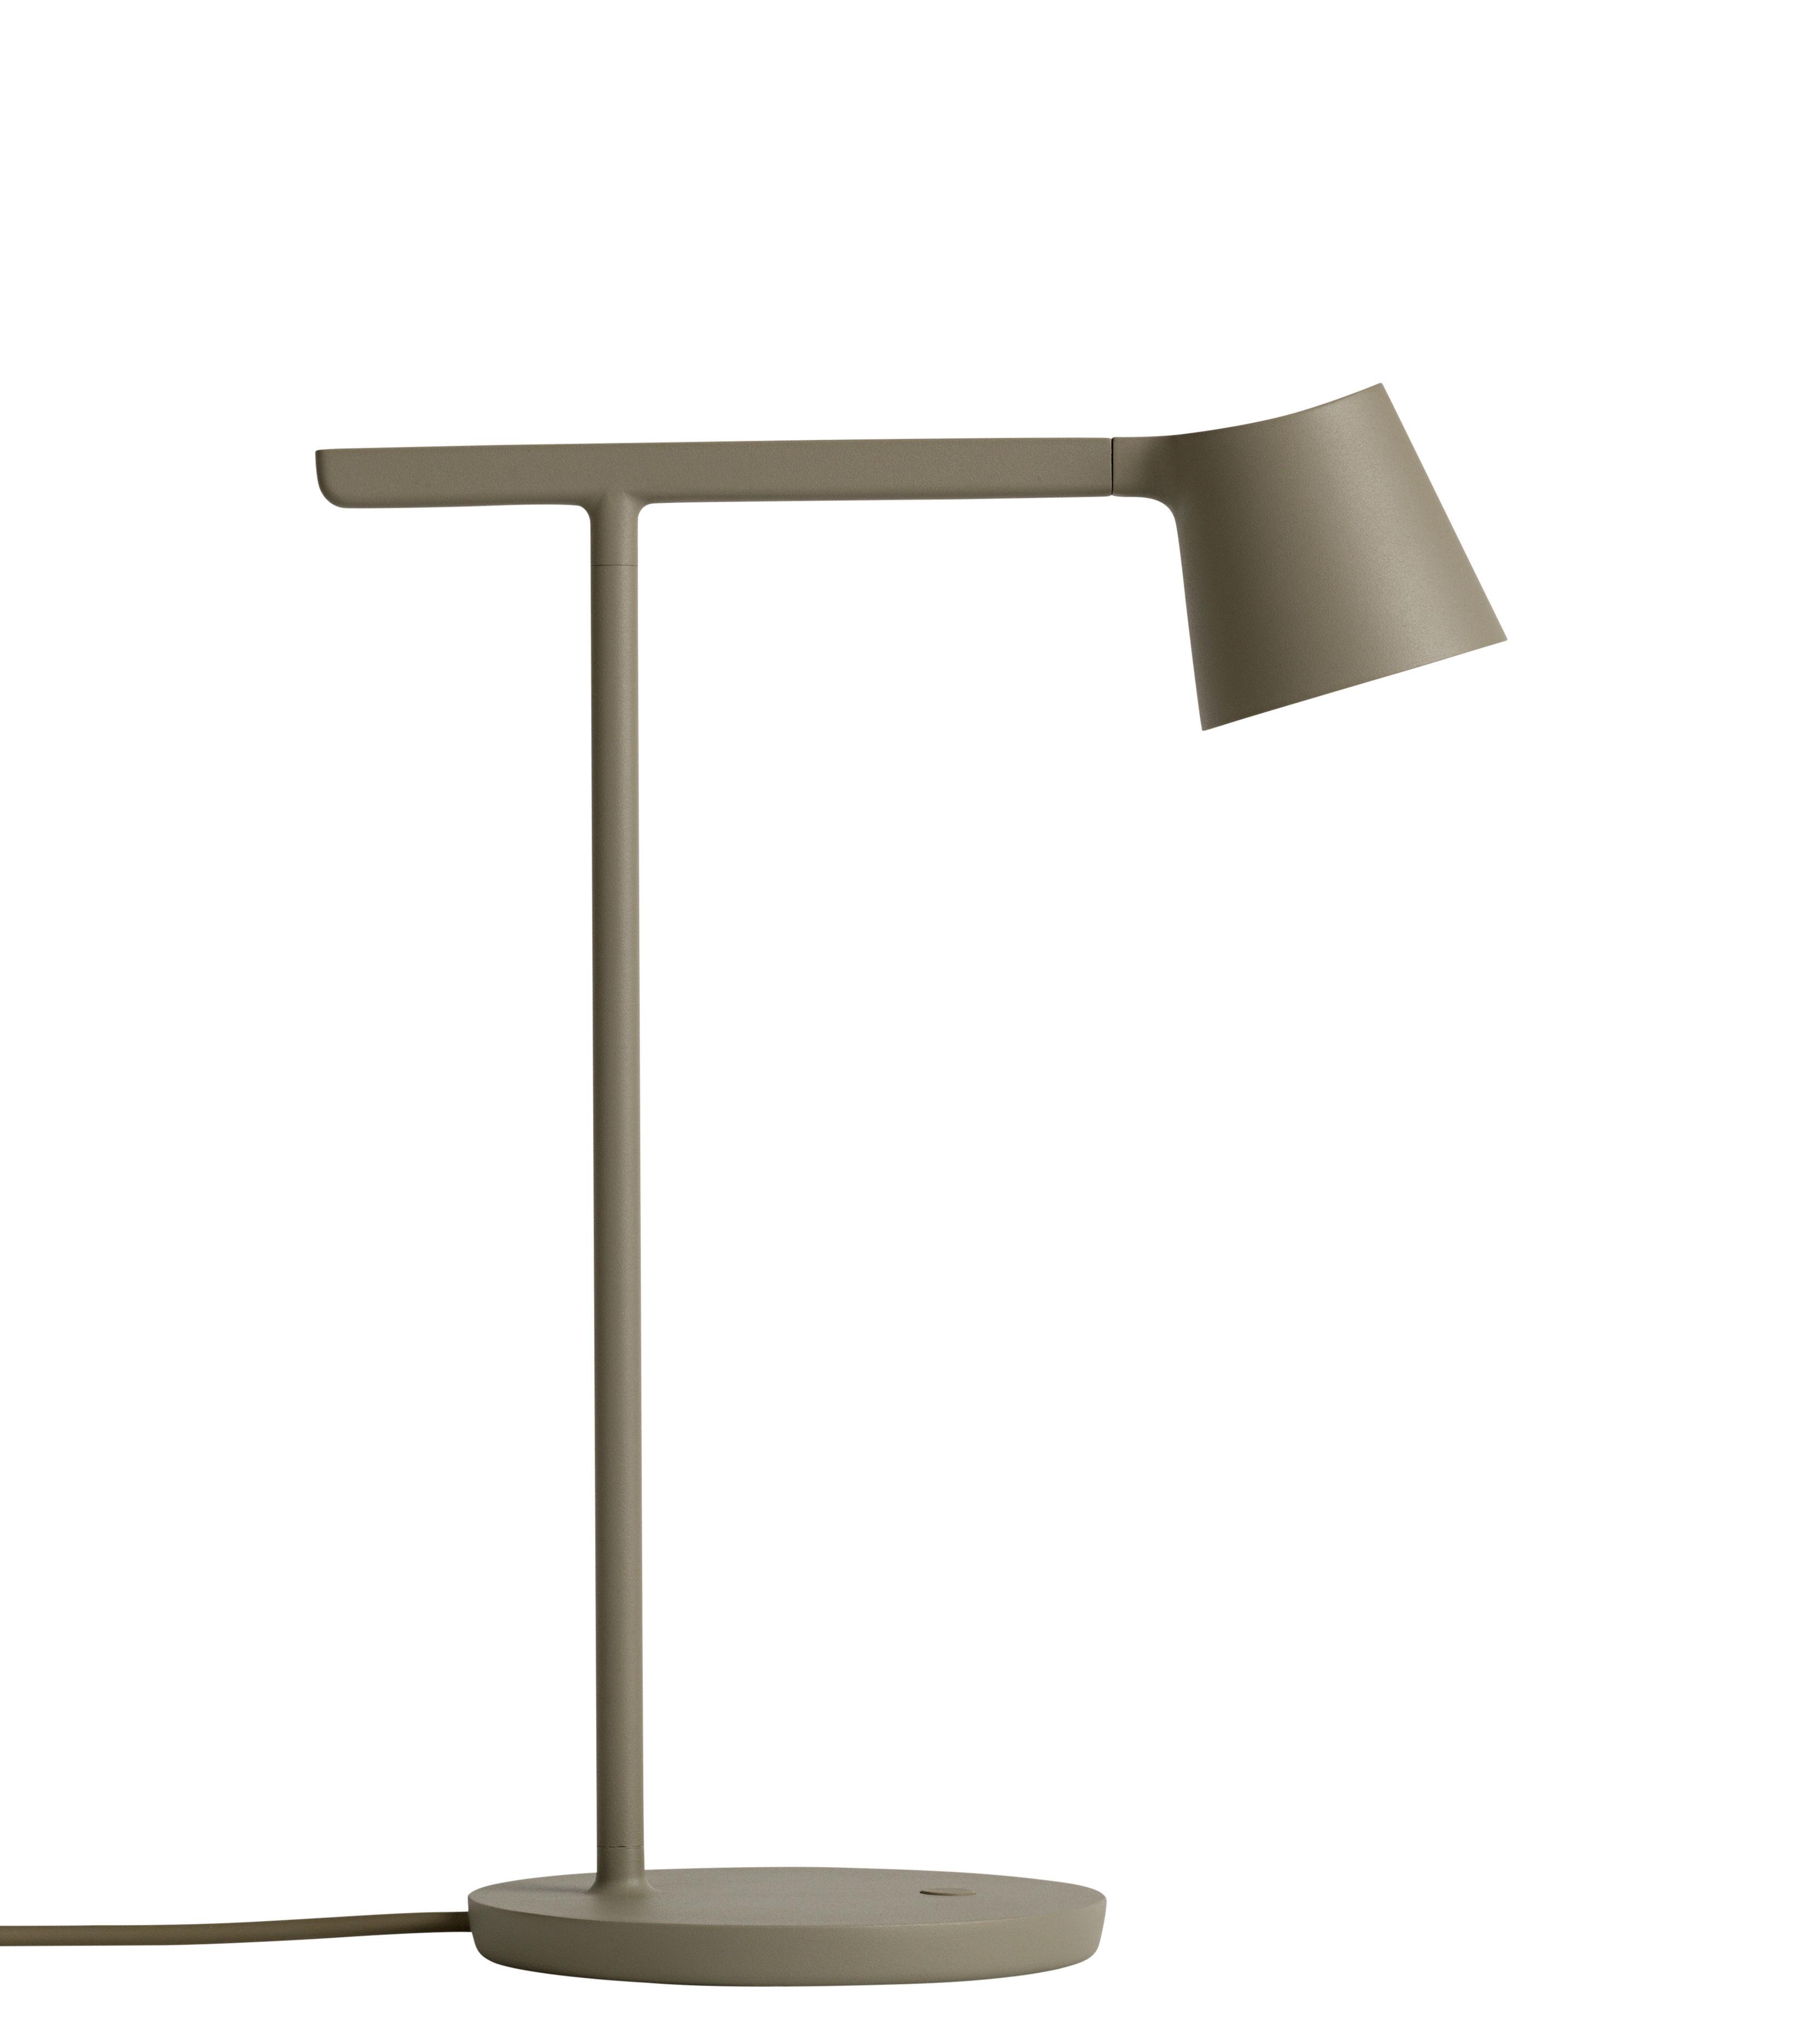 Illuminazione - Lampade da tavolo - Lampada da tavolo Tip LED - /Metallo - Orientabile di Muuto - Verde oliva - Alluminio